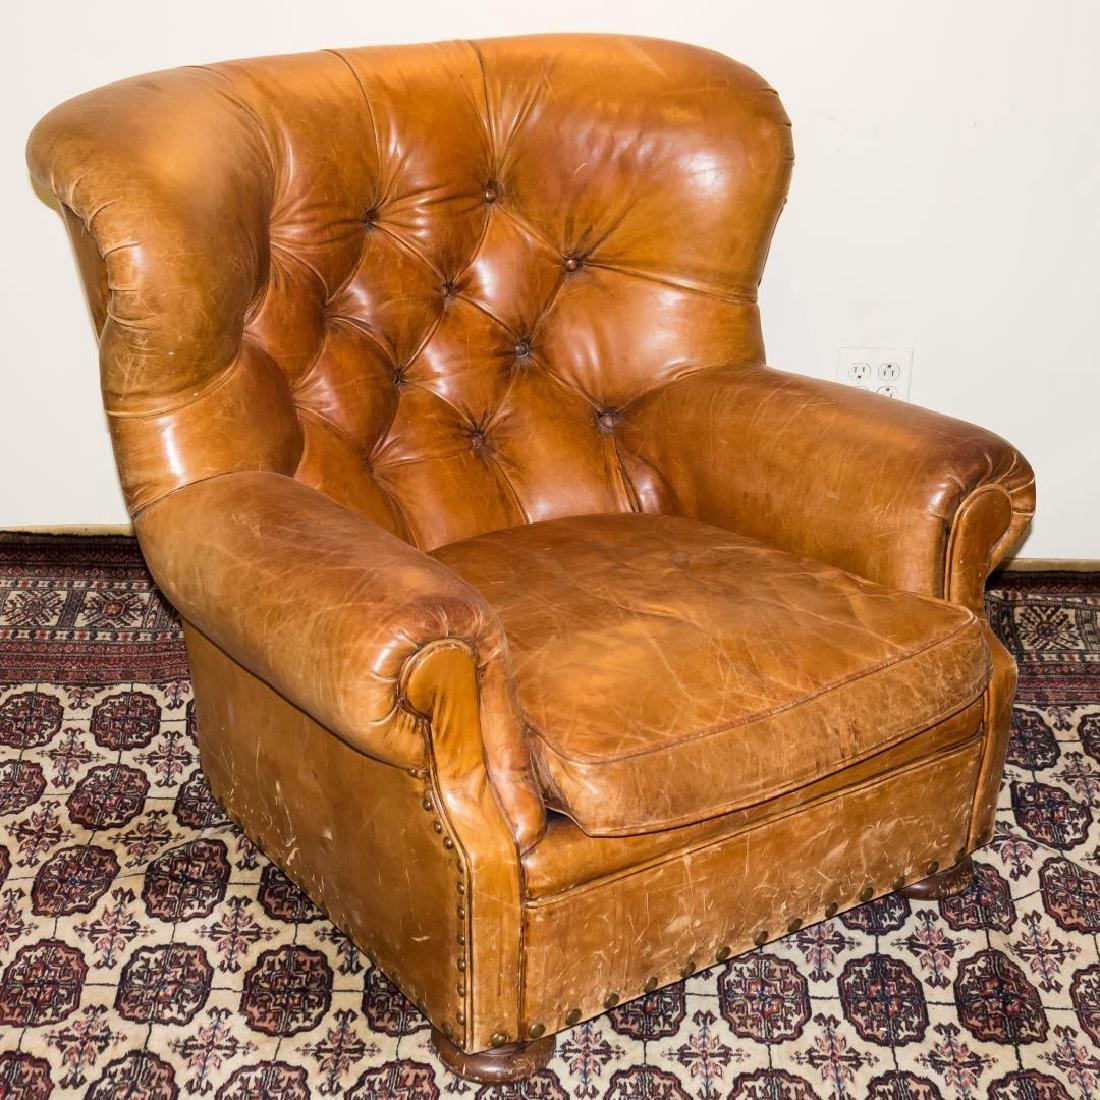 Ralph Lauren Overstuffed Leather Club Chair